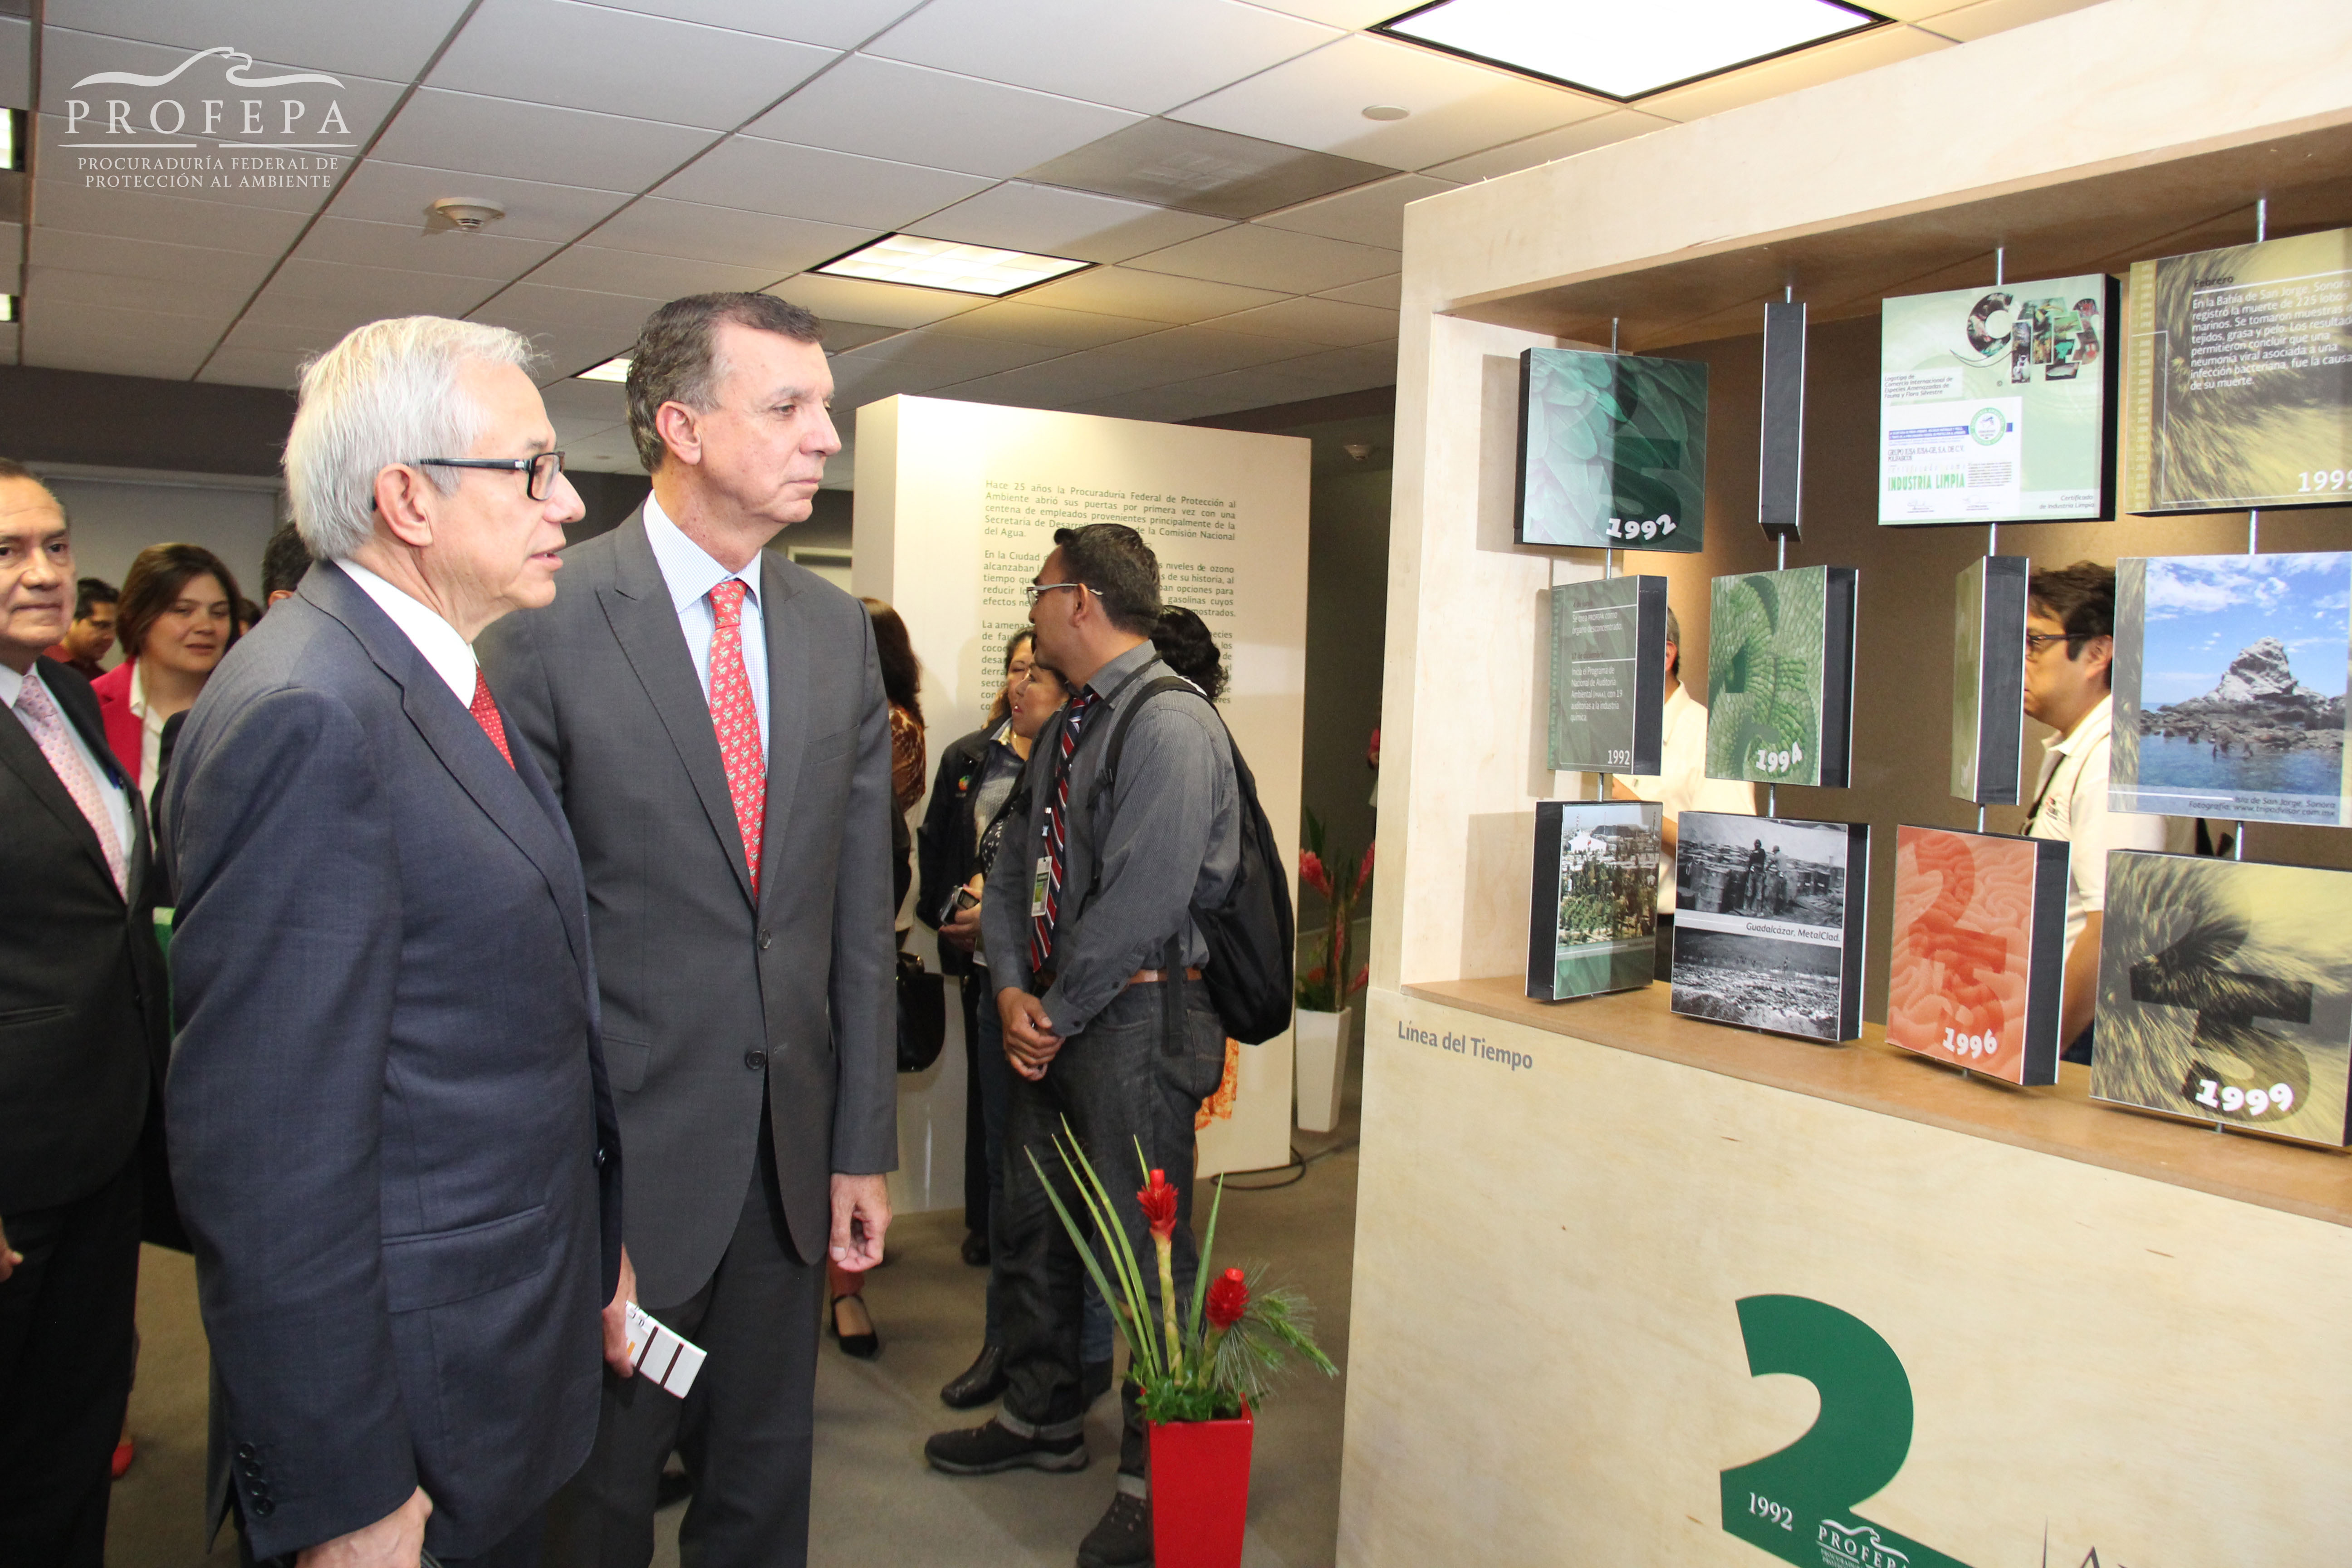 La Procuraduría Federal de Protección al Ambiente (PROFEPA) y el Sistema de Transporte Colectivo Metro (STC)  develaron el boleto conmemorativo por el 25 Aniversario de la PROFEPA, cuya venta --de un total de diez millones-- iniciará la próxima semana.